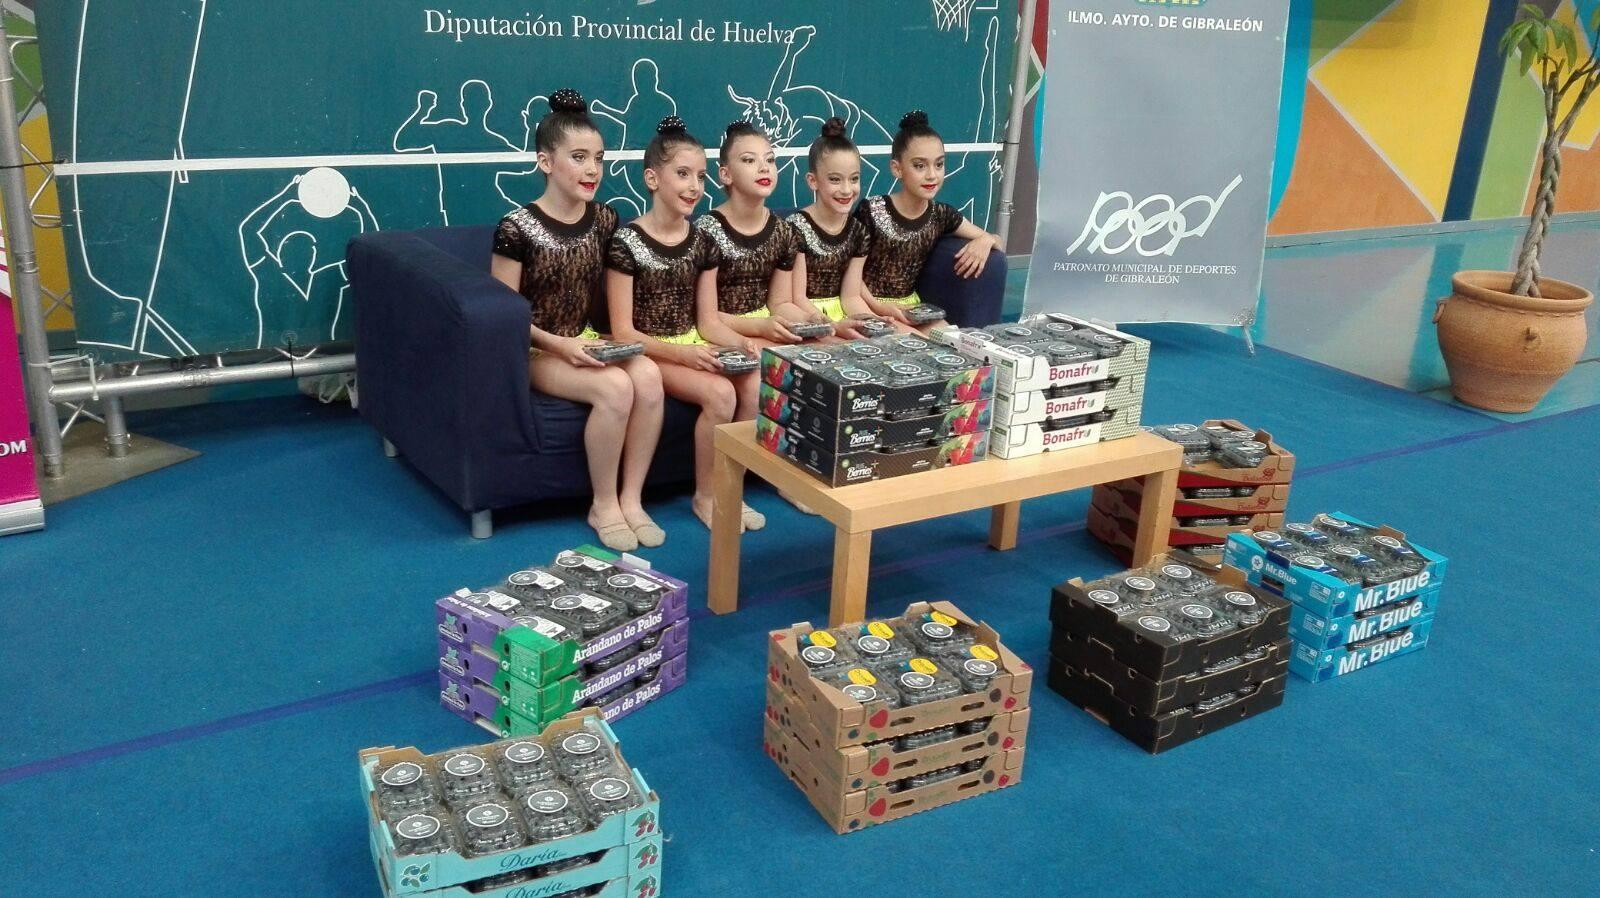 Apoyamos la Gimnasia Rítmica en Huelva